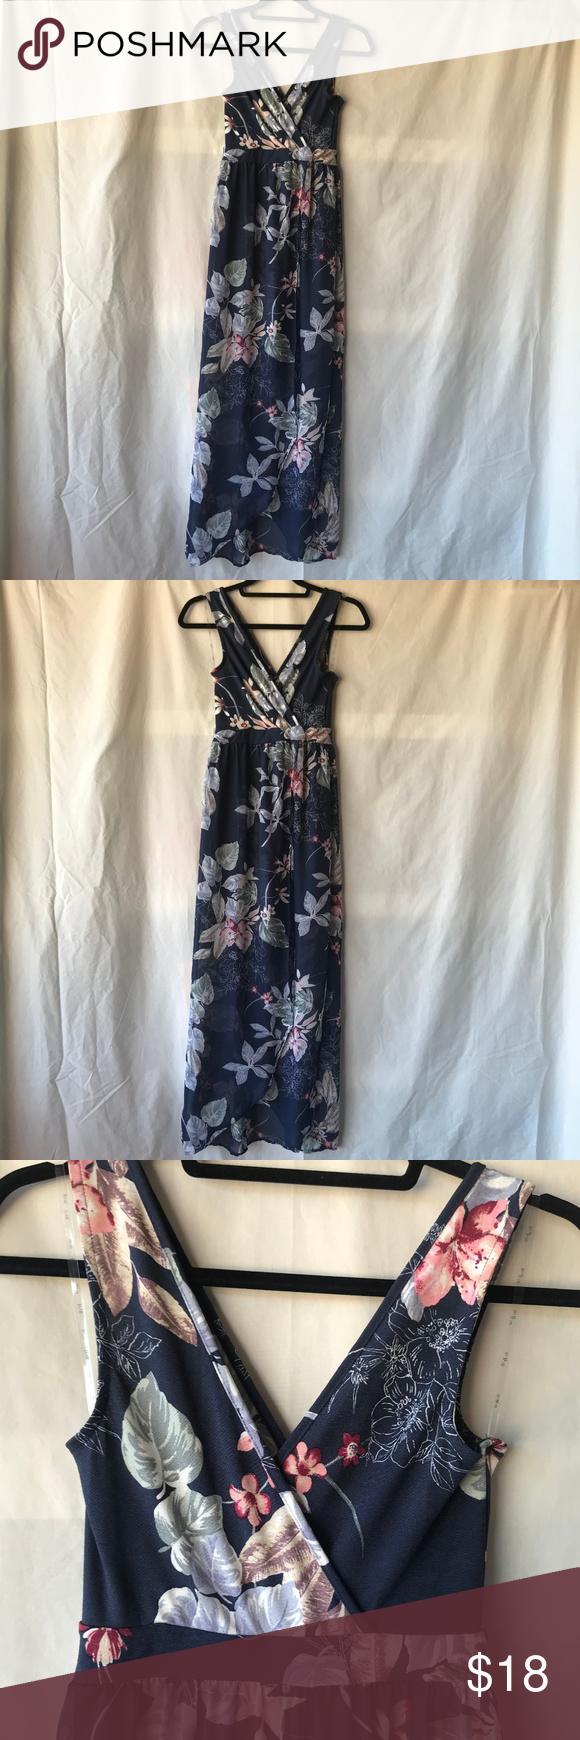 70868e0435a Iris floral Maxi Dress with sheer Overlay Cute V neckline